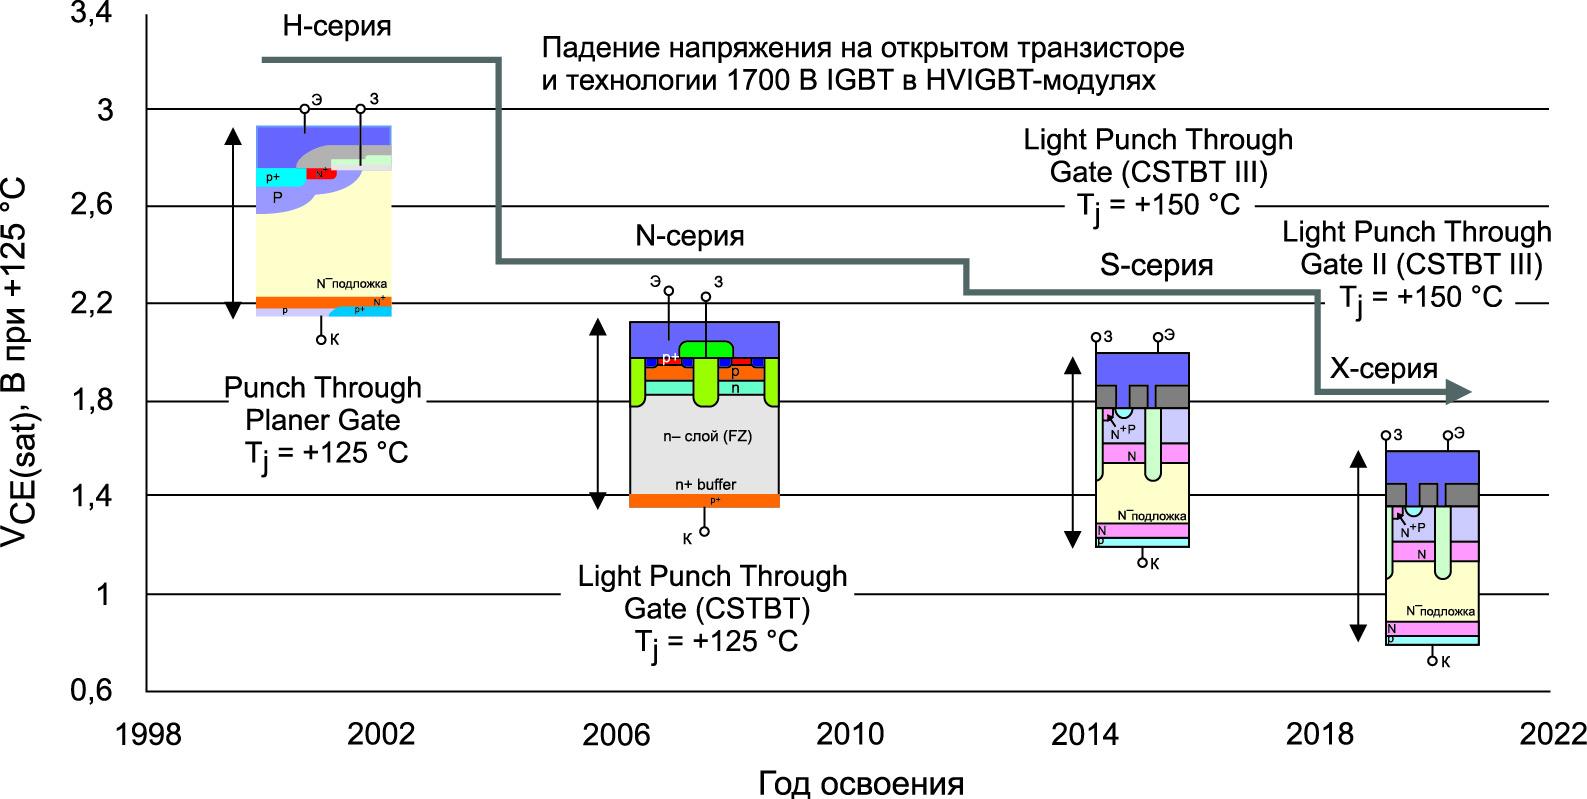 Снижение по годам достигнутого прямого падения напряжения на IGBT-чипах с рабочим напряжением на 1700 В